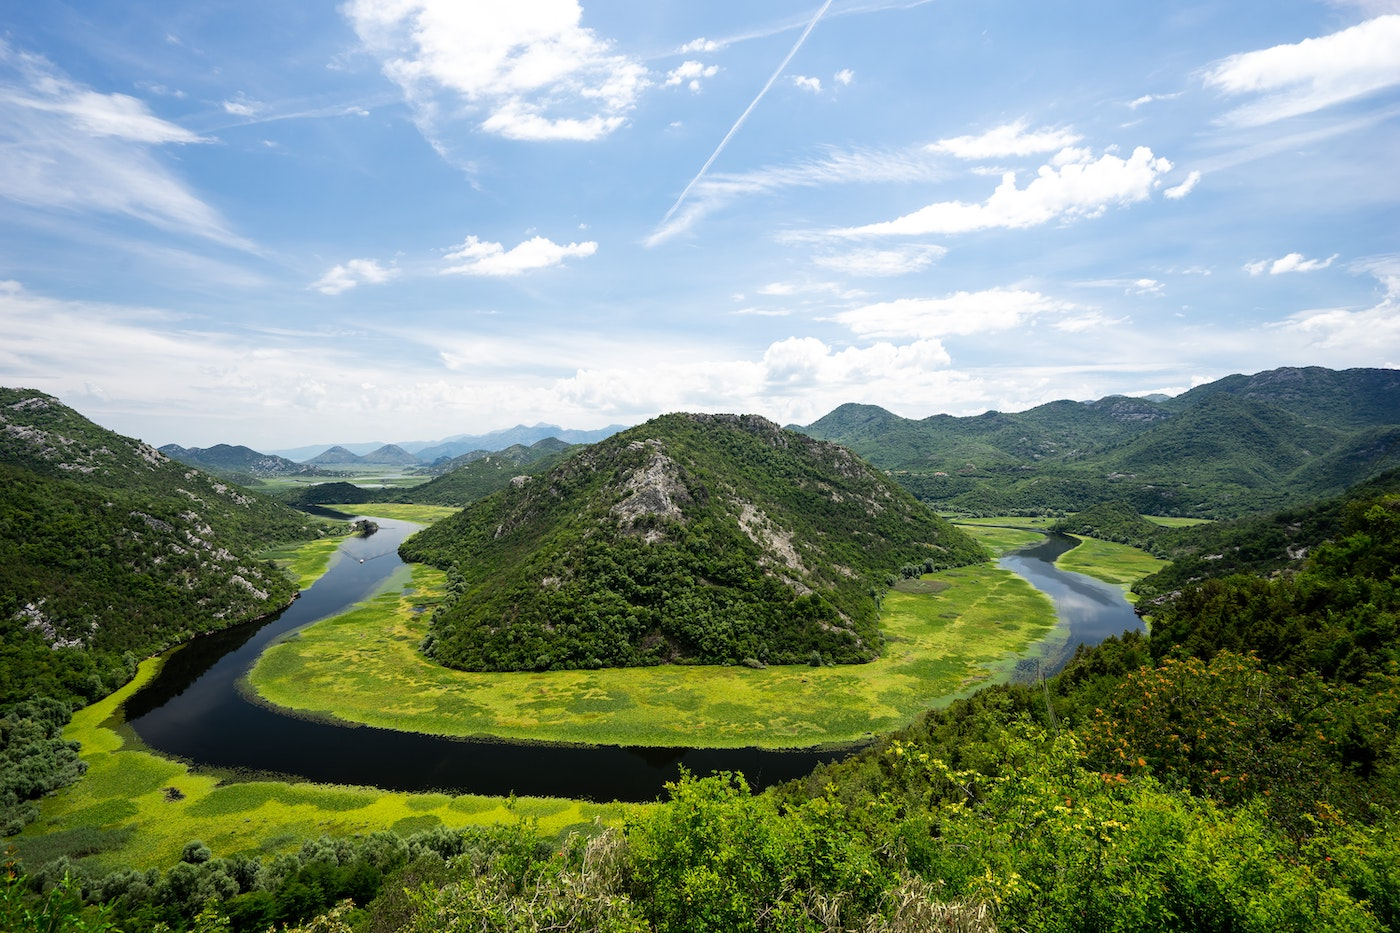 15-road-trip-montenegro-voyage-europe-02